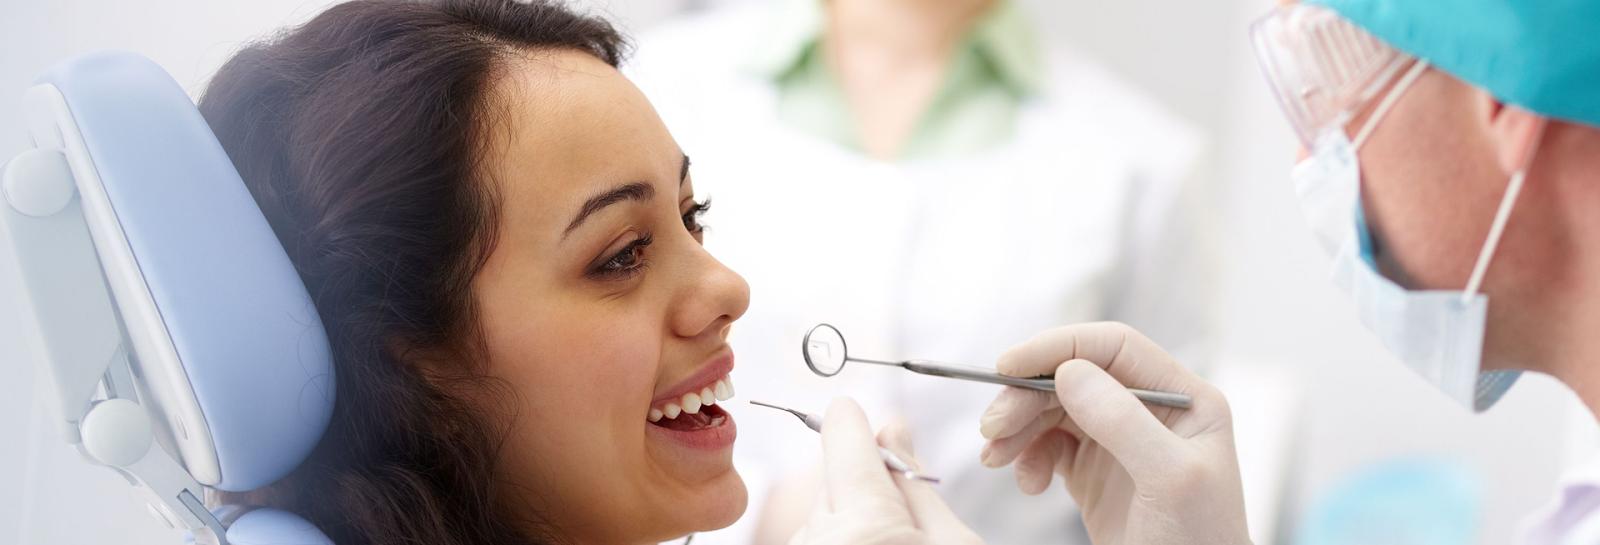 Experto en soluciones dentales